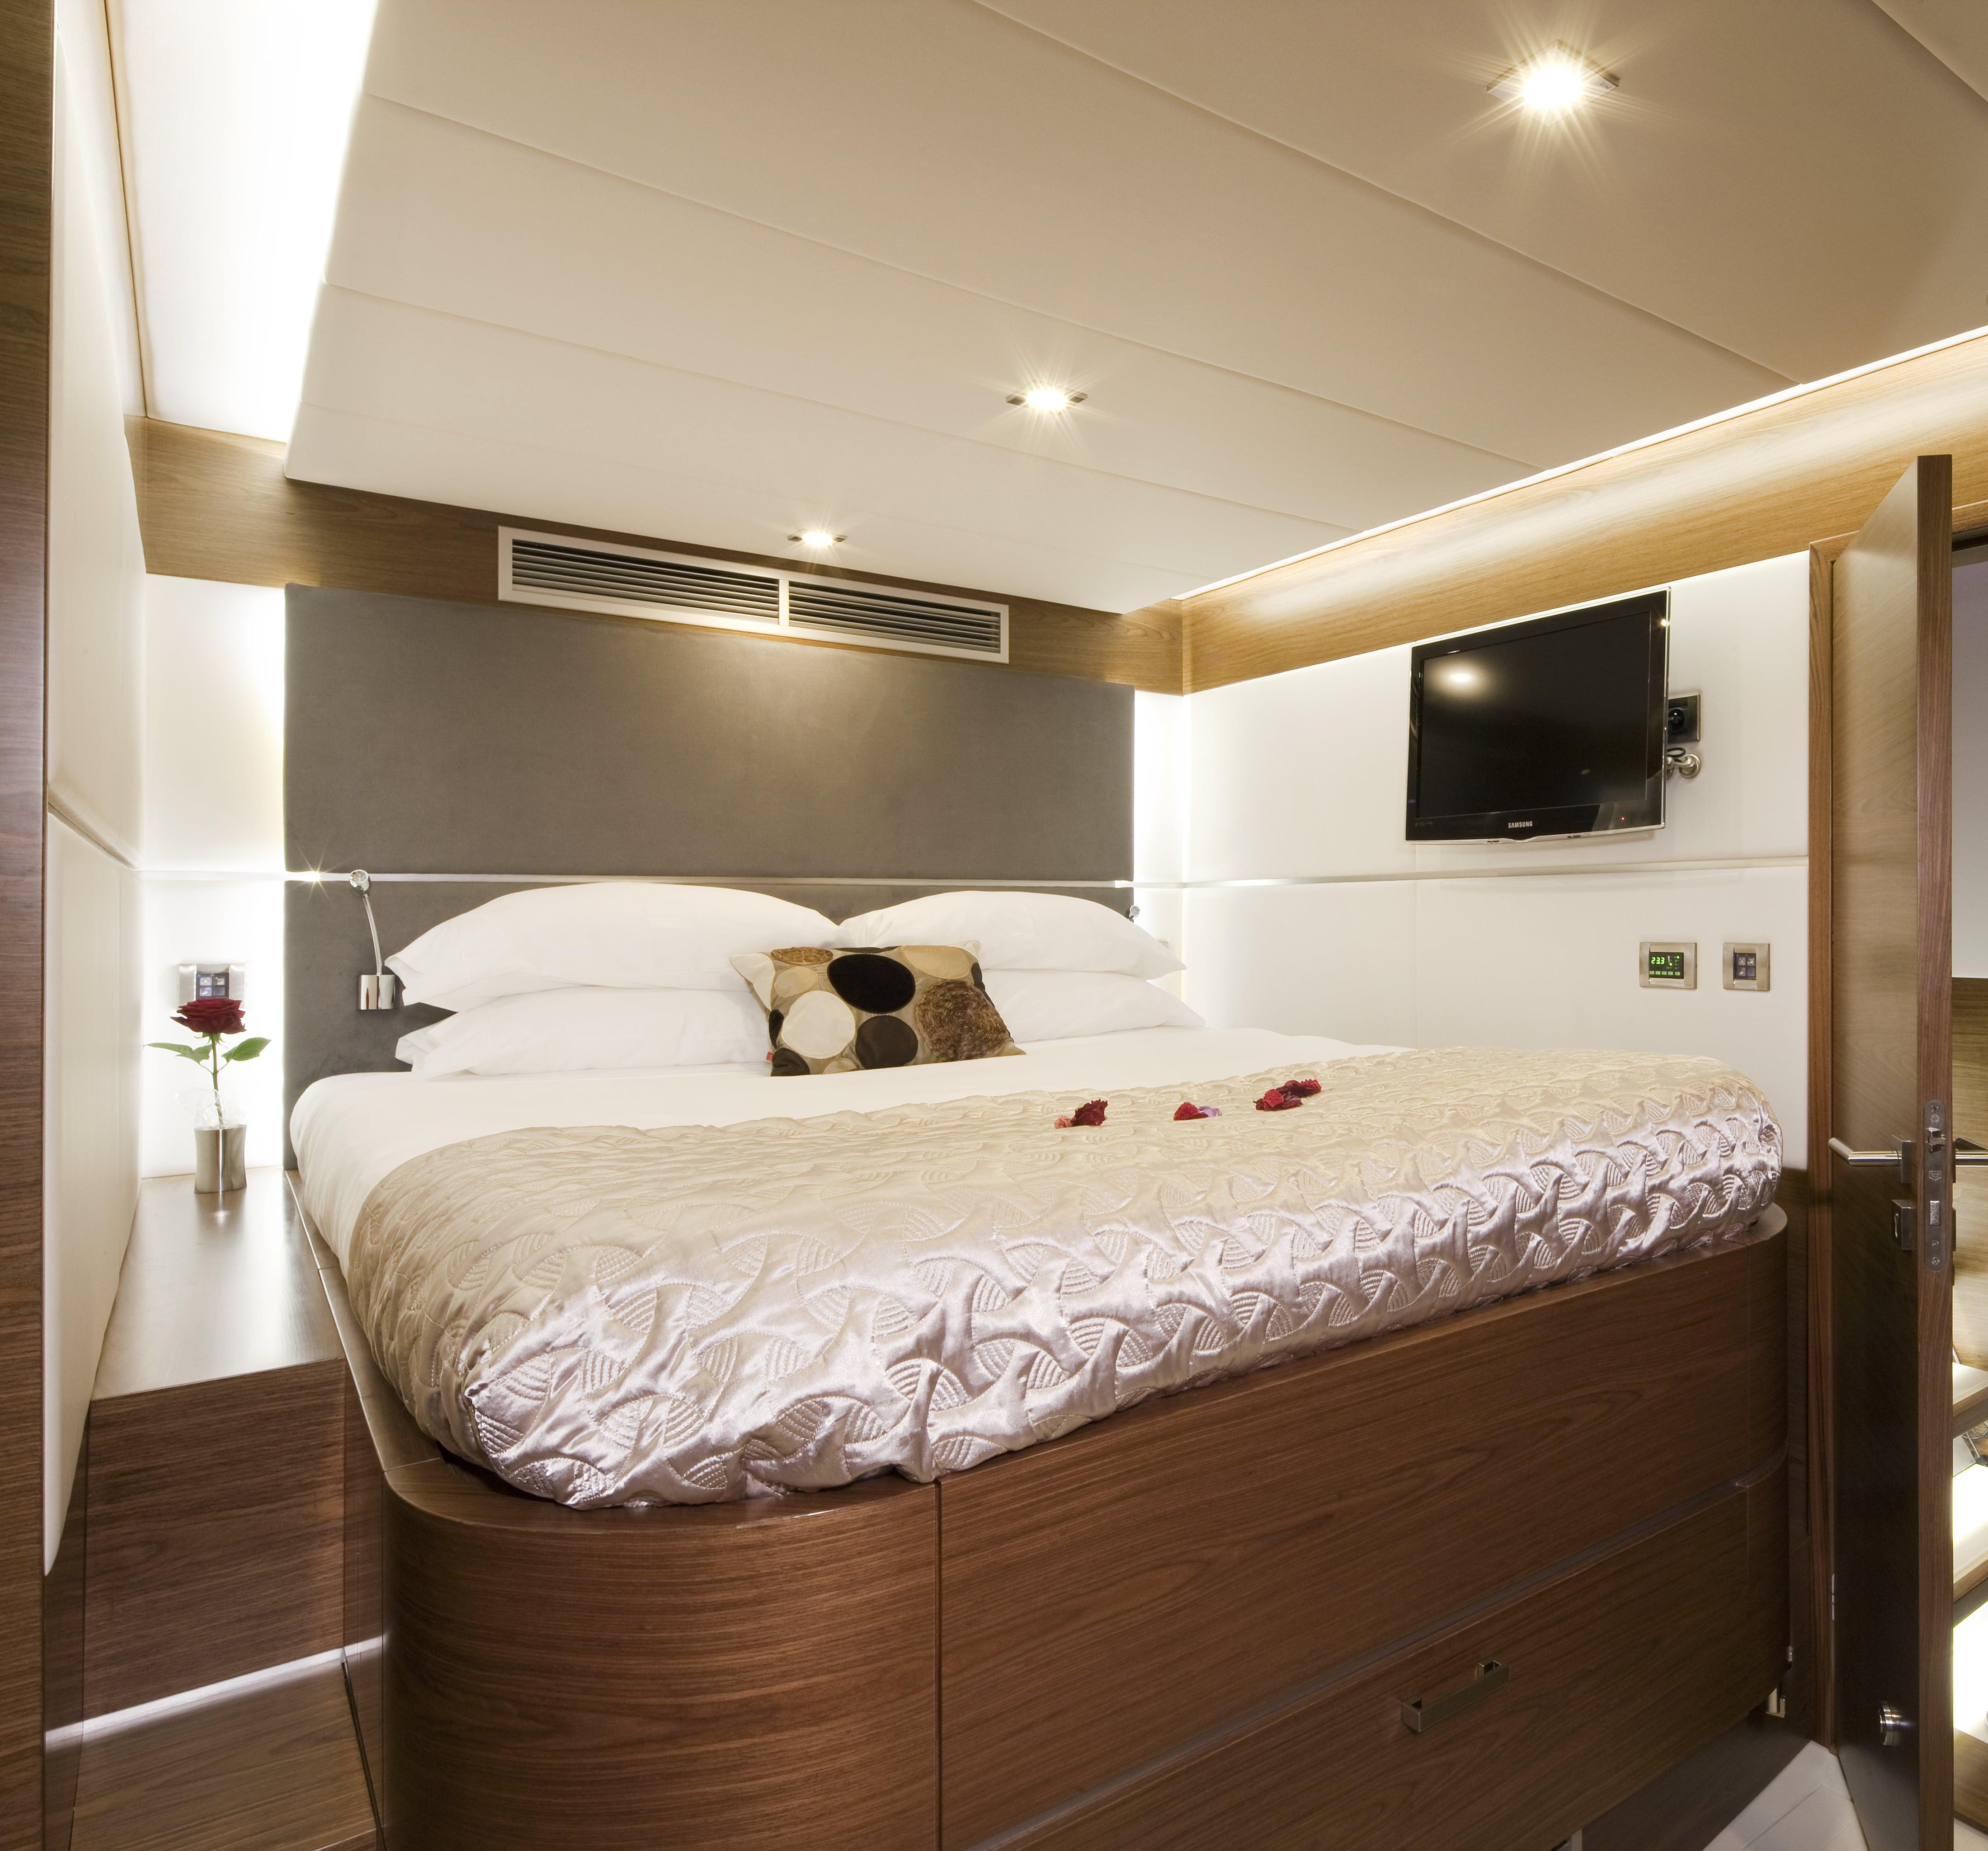 sunreef 70 power yacht for sale vip cabin-min